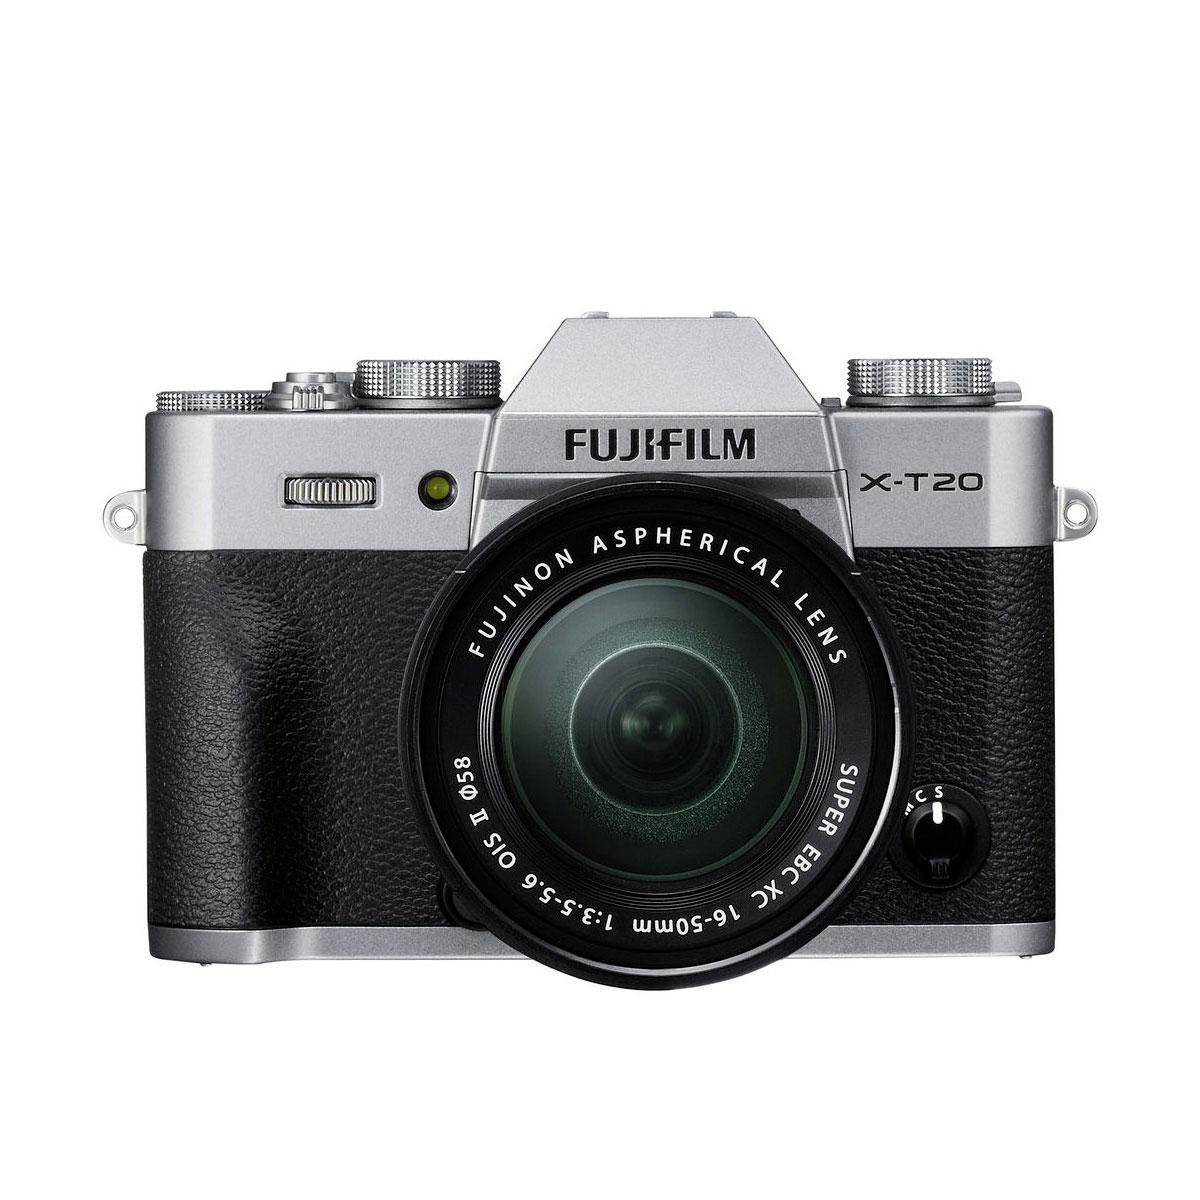 Fujifilm Cashback 3.5 - 2.7.2018